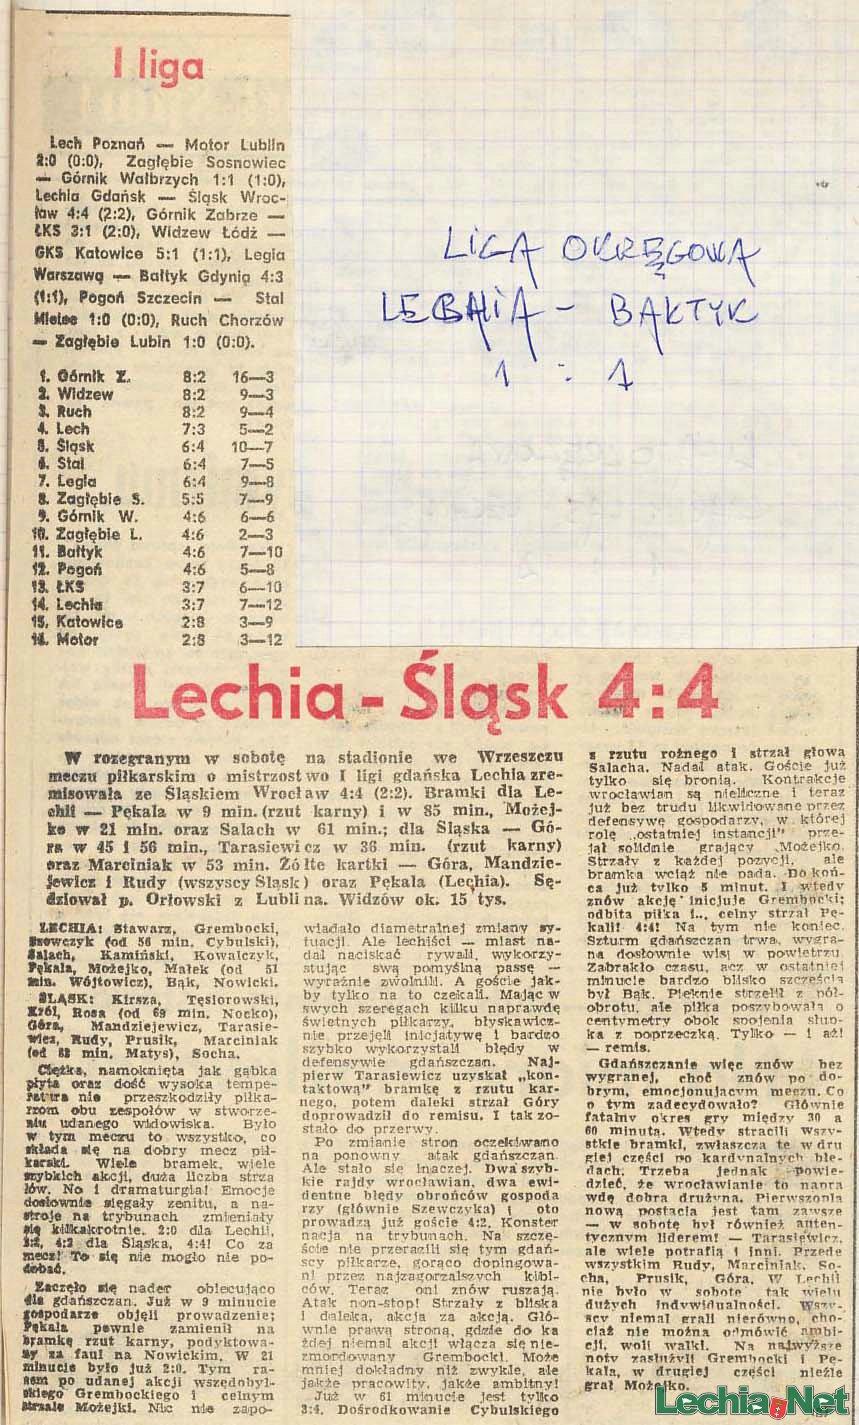 Relacja prasowa z meczu Lechia Gdańsk – Śląsk Wrocław